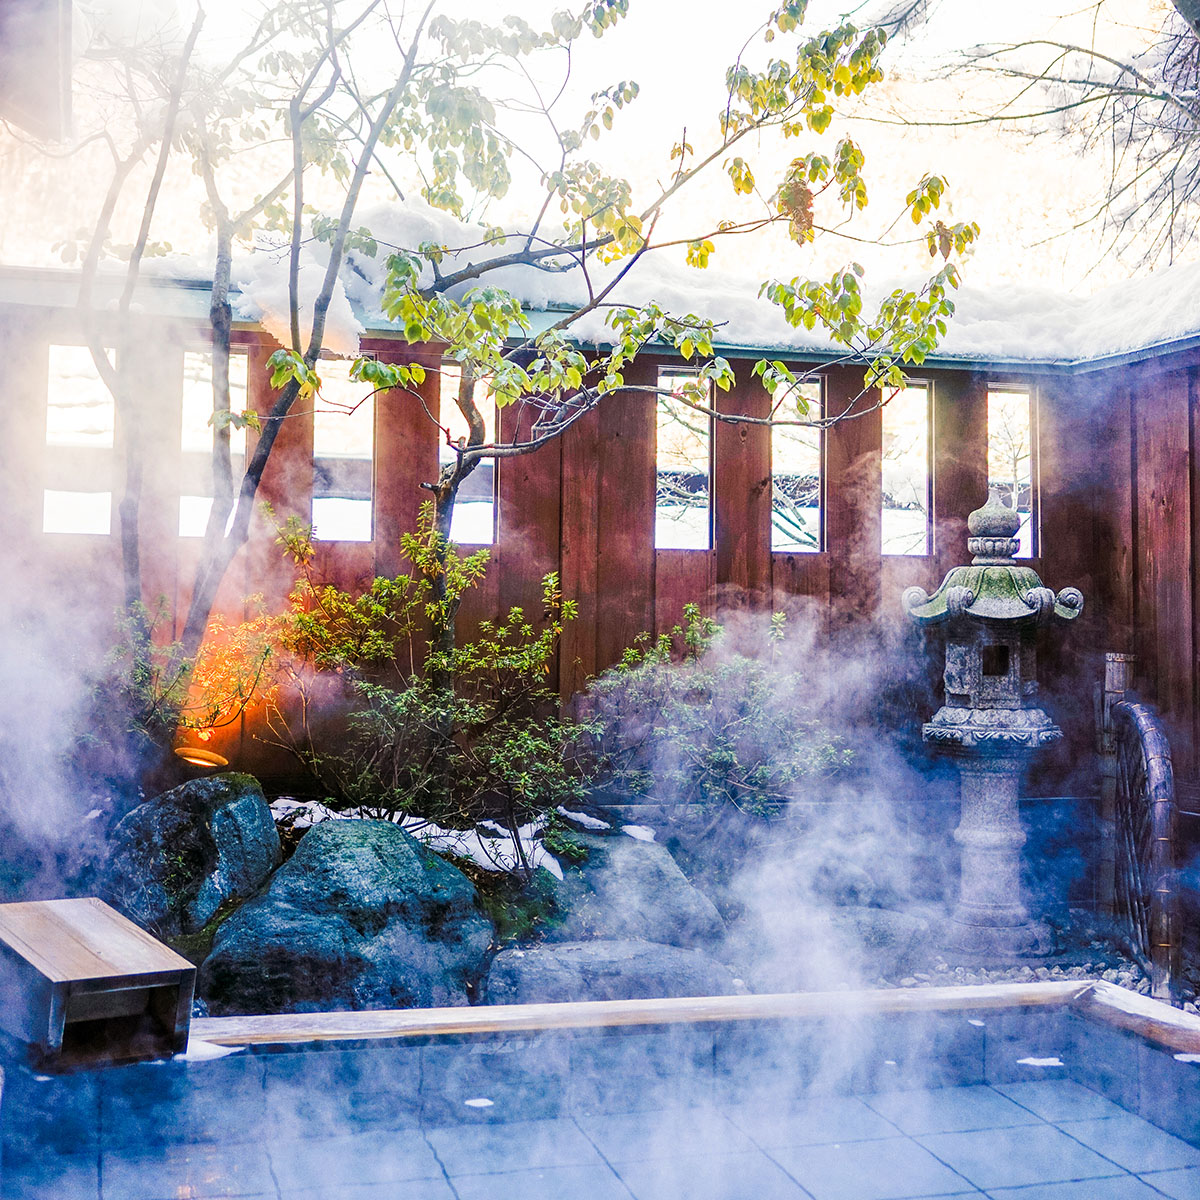 open-air Onsen